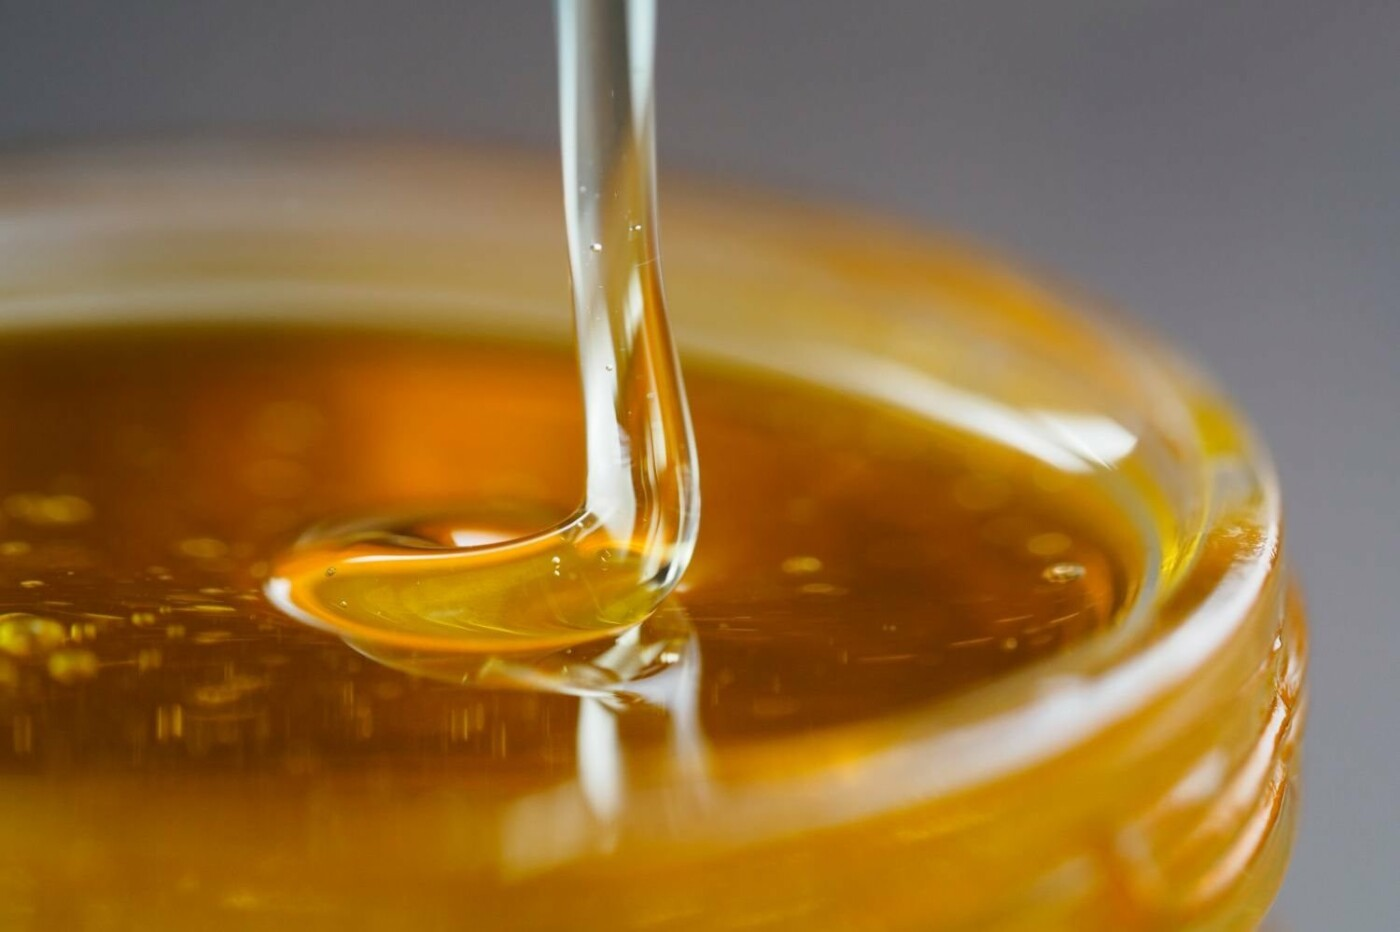 Мёд, Фото из открытого источника в сети Интернет